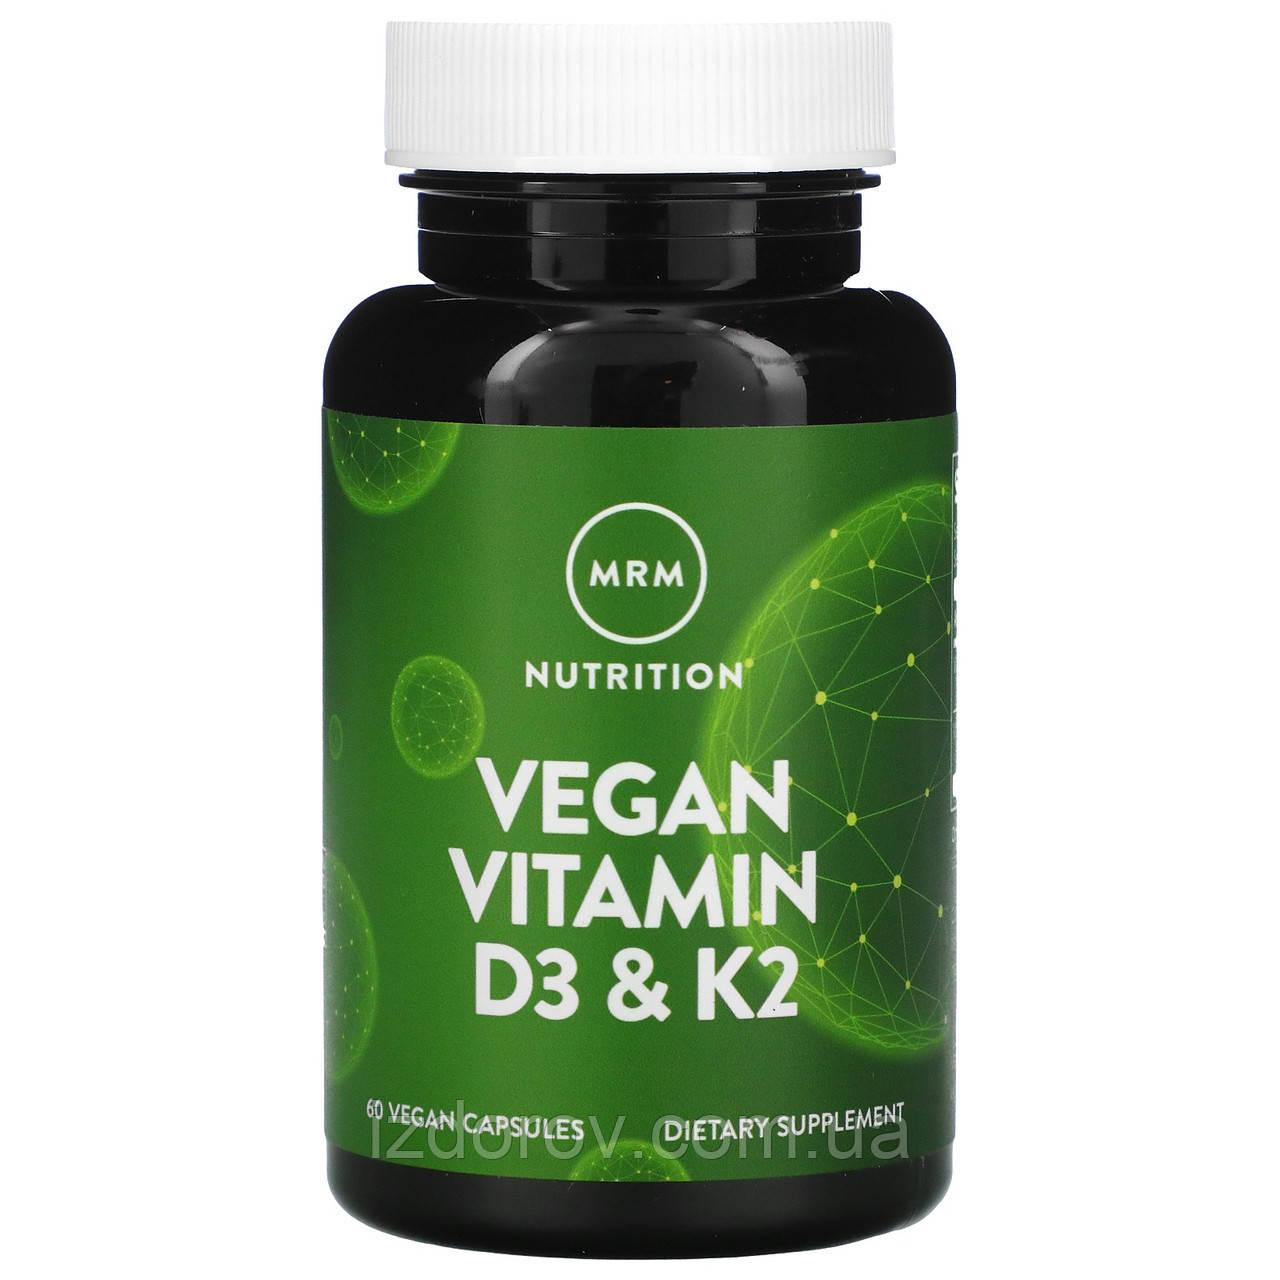 MRM, Веганские витамины D3 и К2, 62,5 мкг (2500 МЕ), 60 веганских капсул